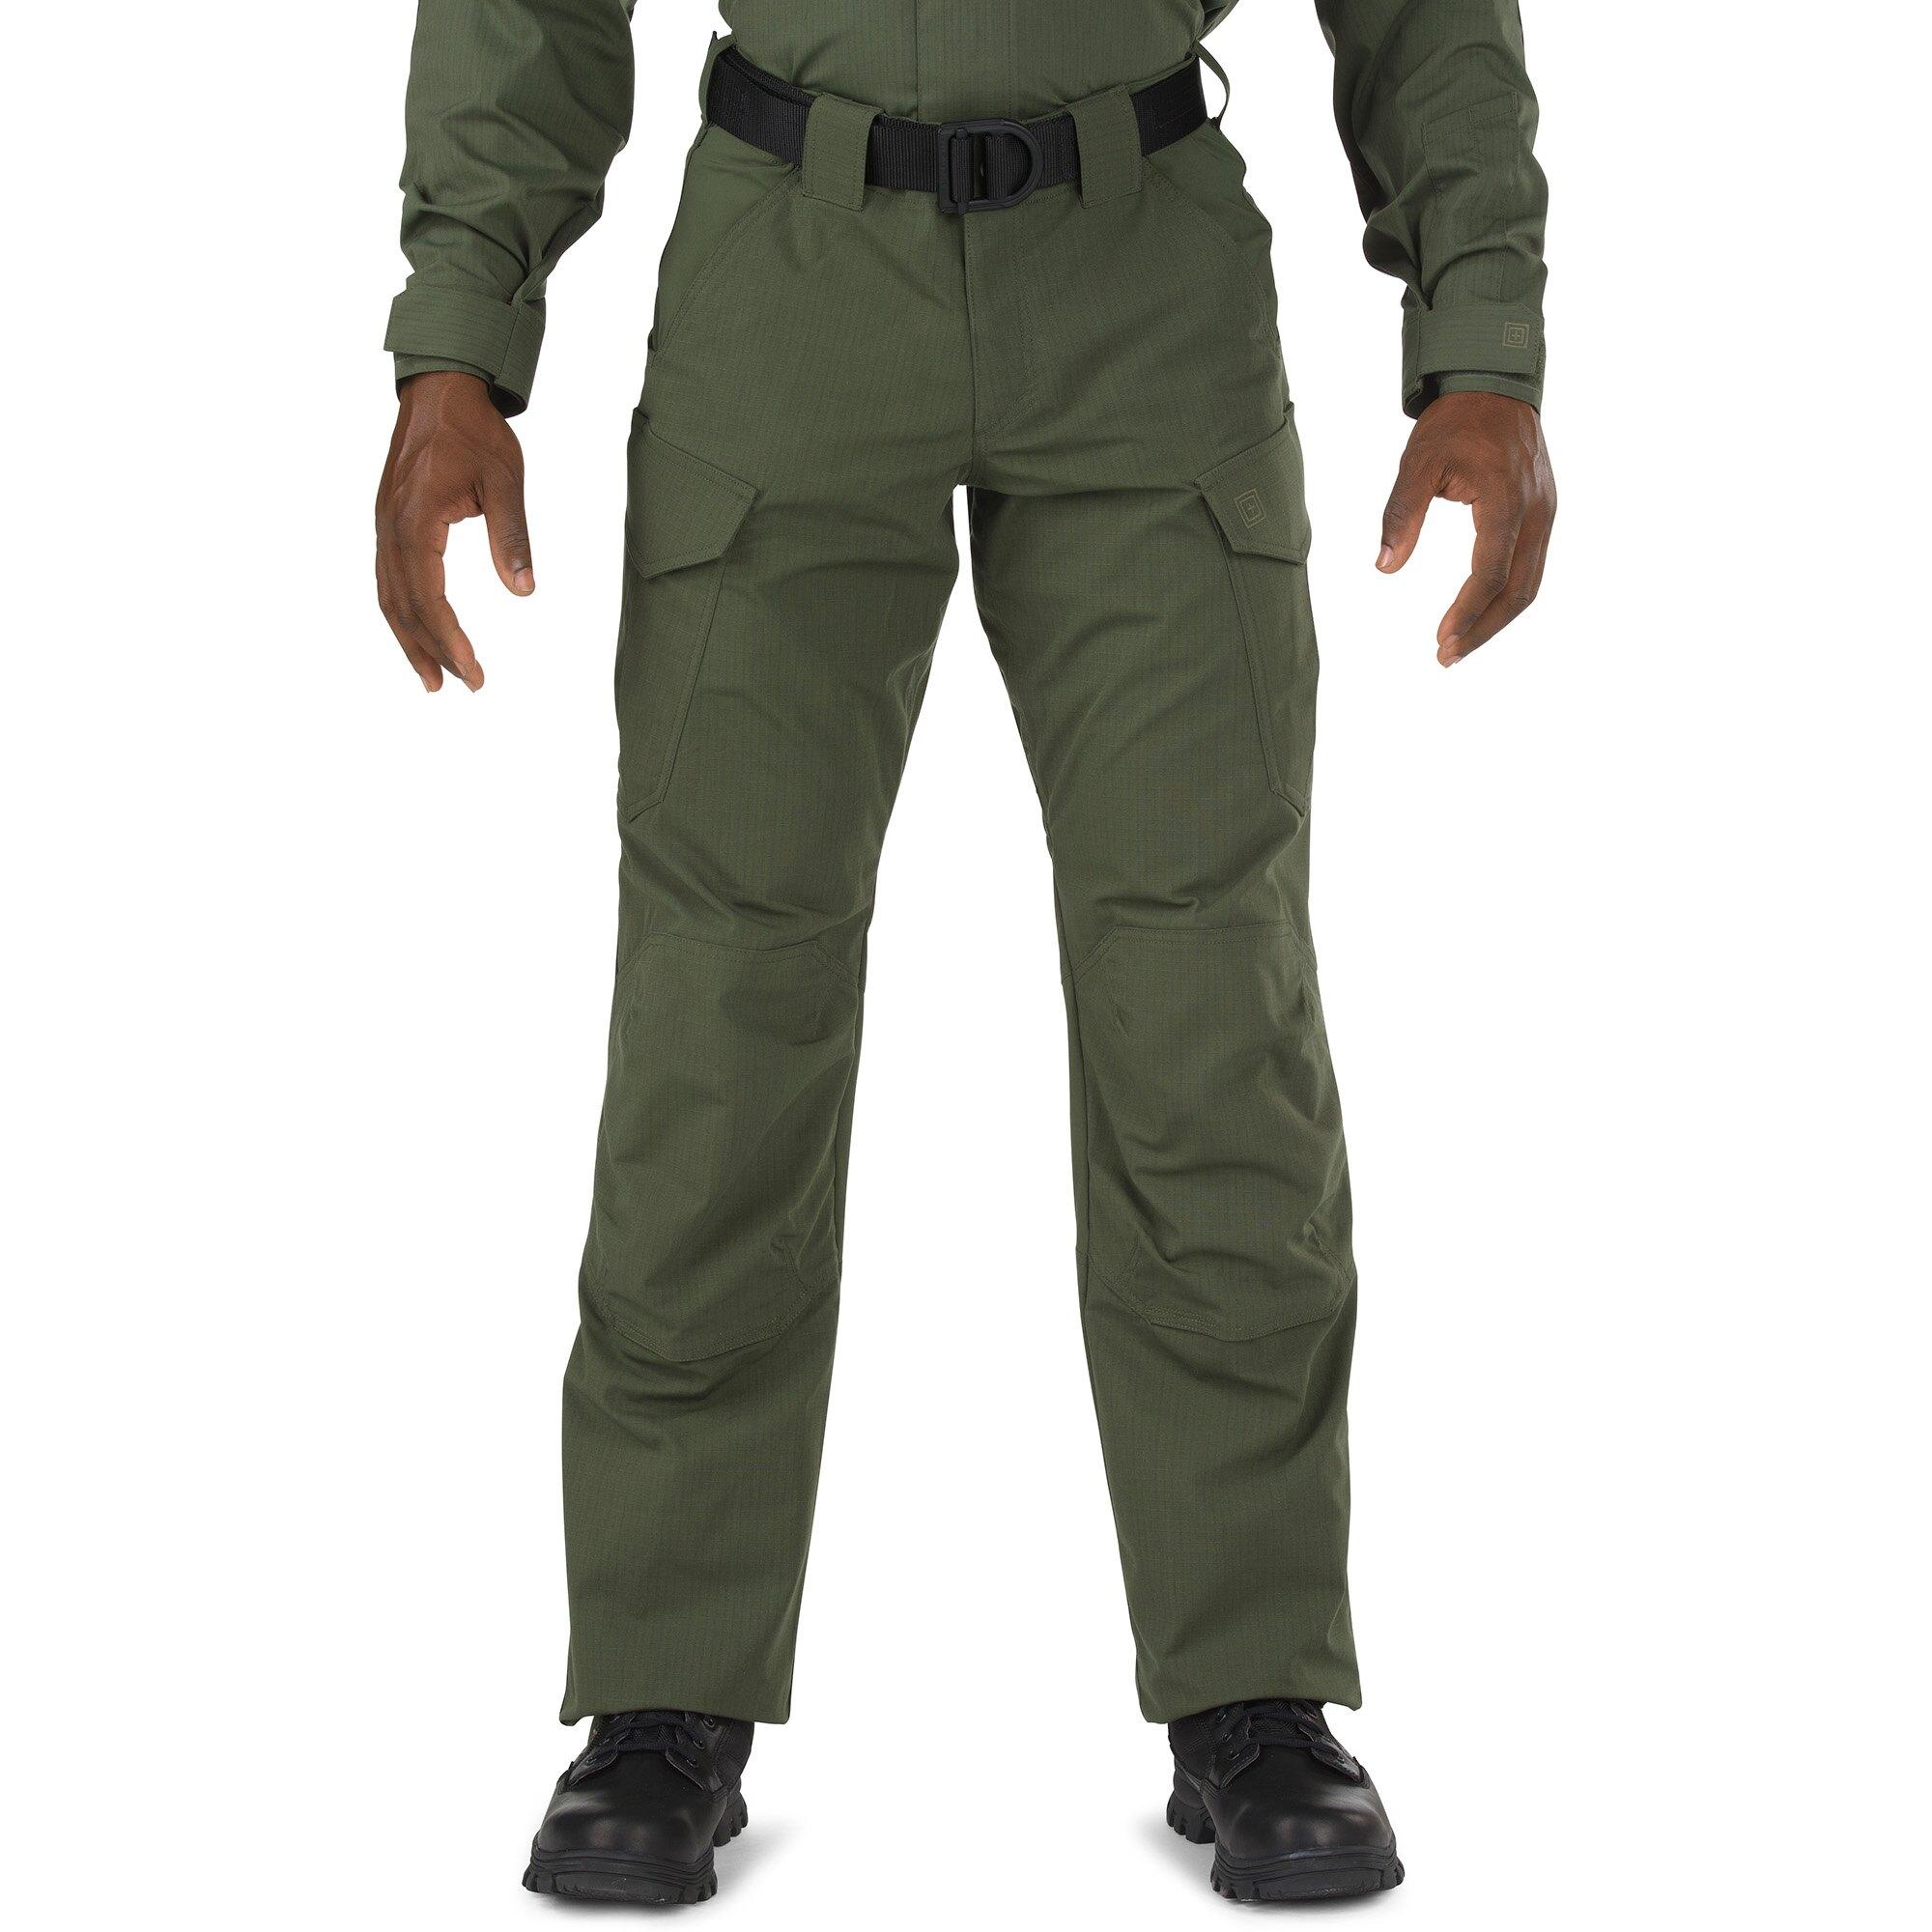 Levně Kalhoty 5.11 Tactical® Stryke TDU - zelené (Barva: Zelená, Velikost: 30/34)